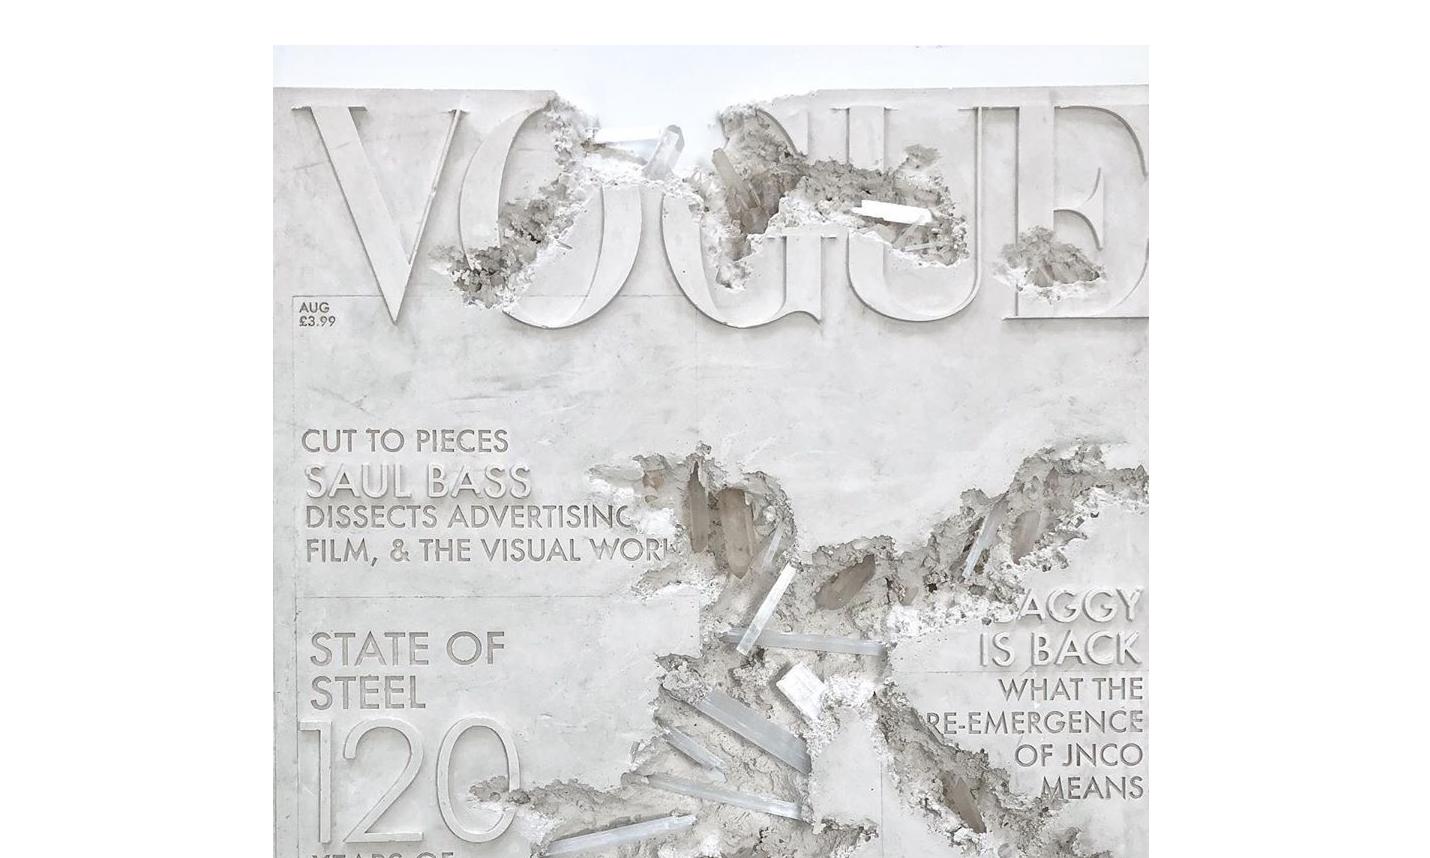 艺术家 Daniel Arsham 作品《石英腐蚀的 VOGUE 101 杂志》拍出 29 万美元